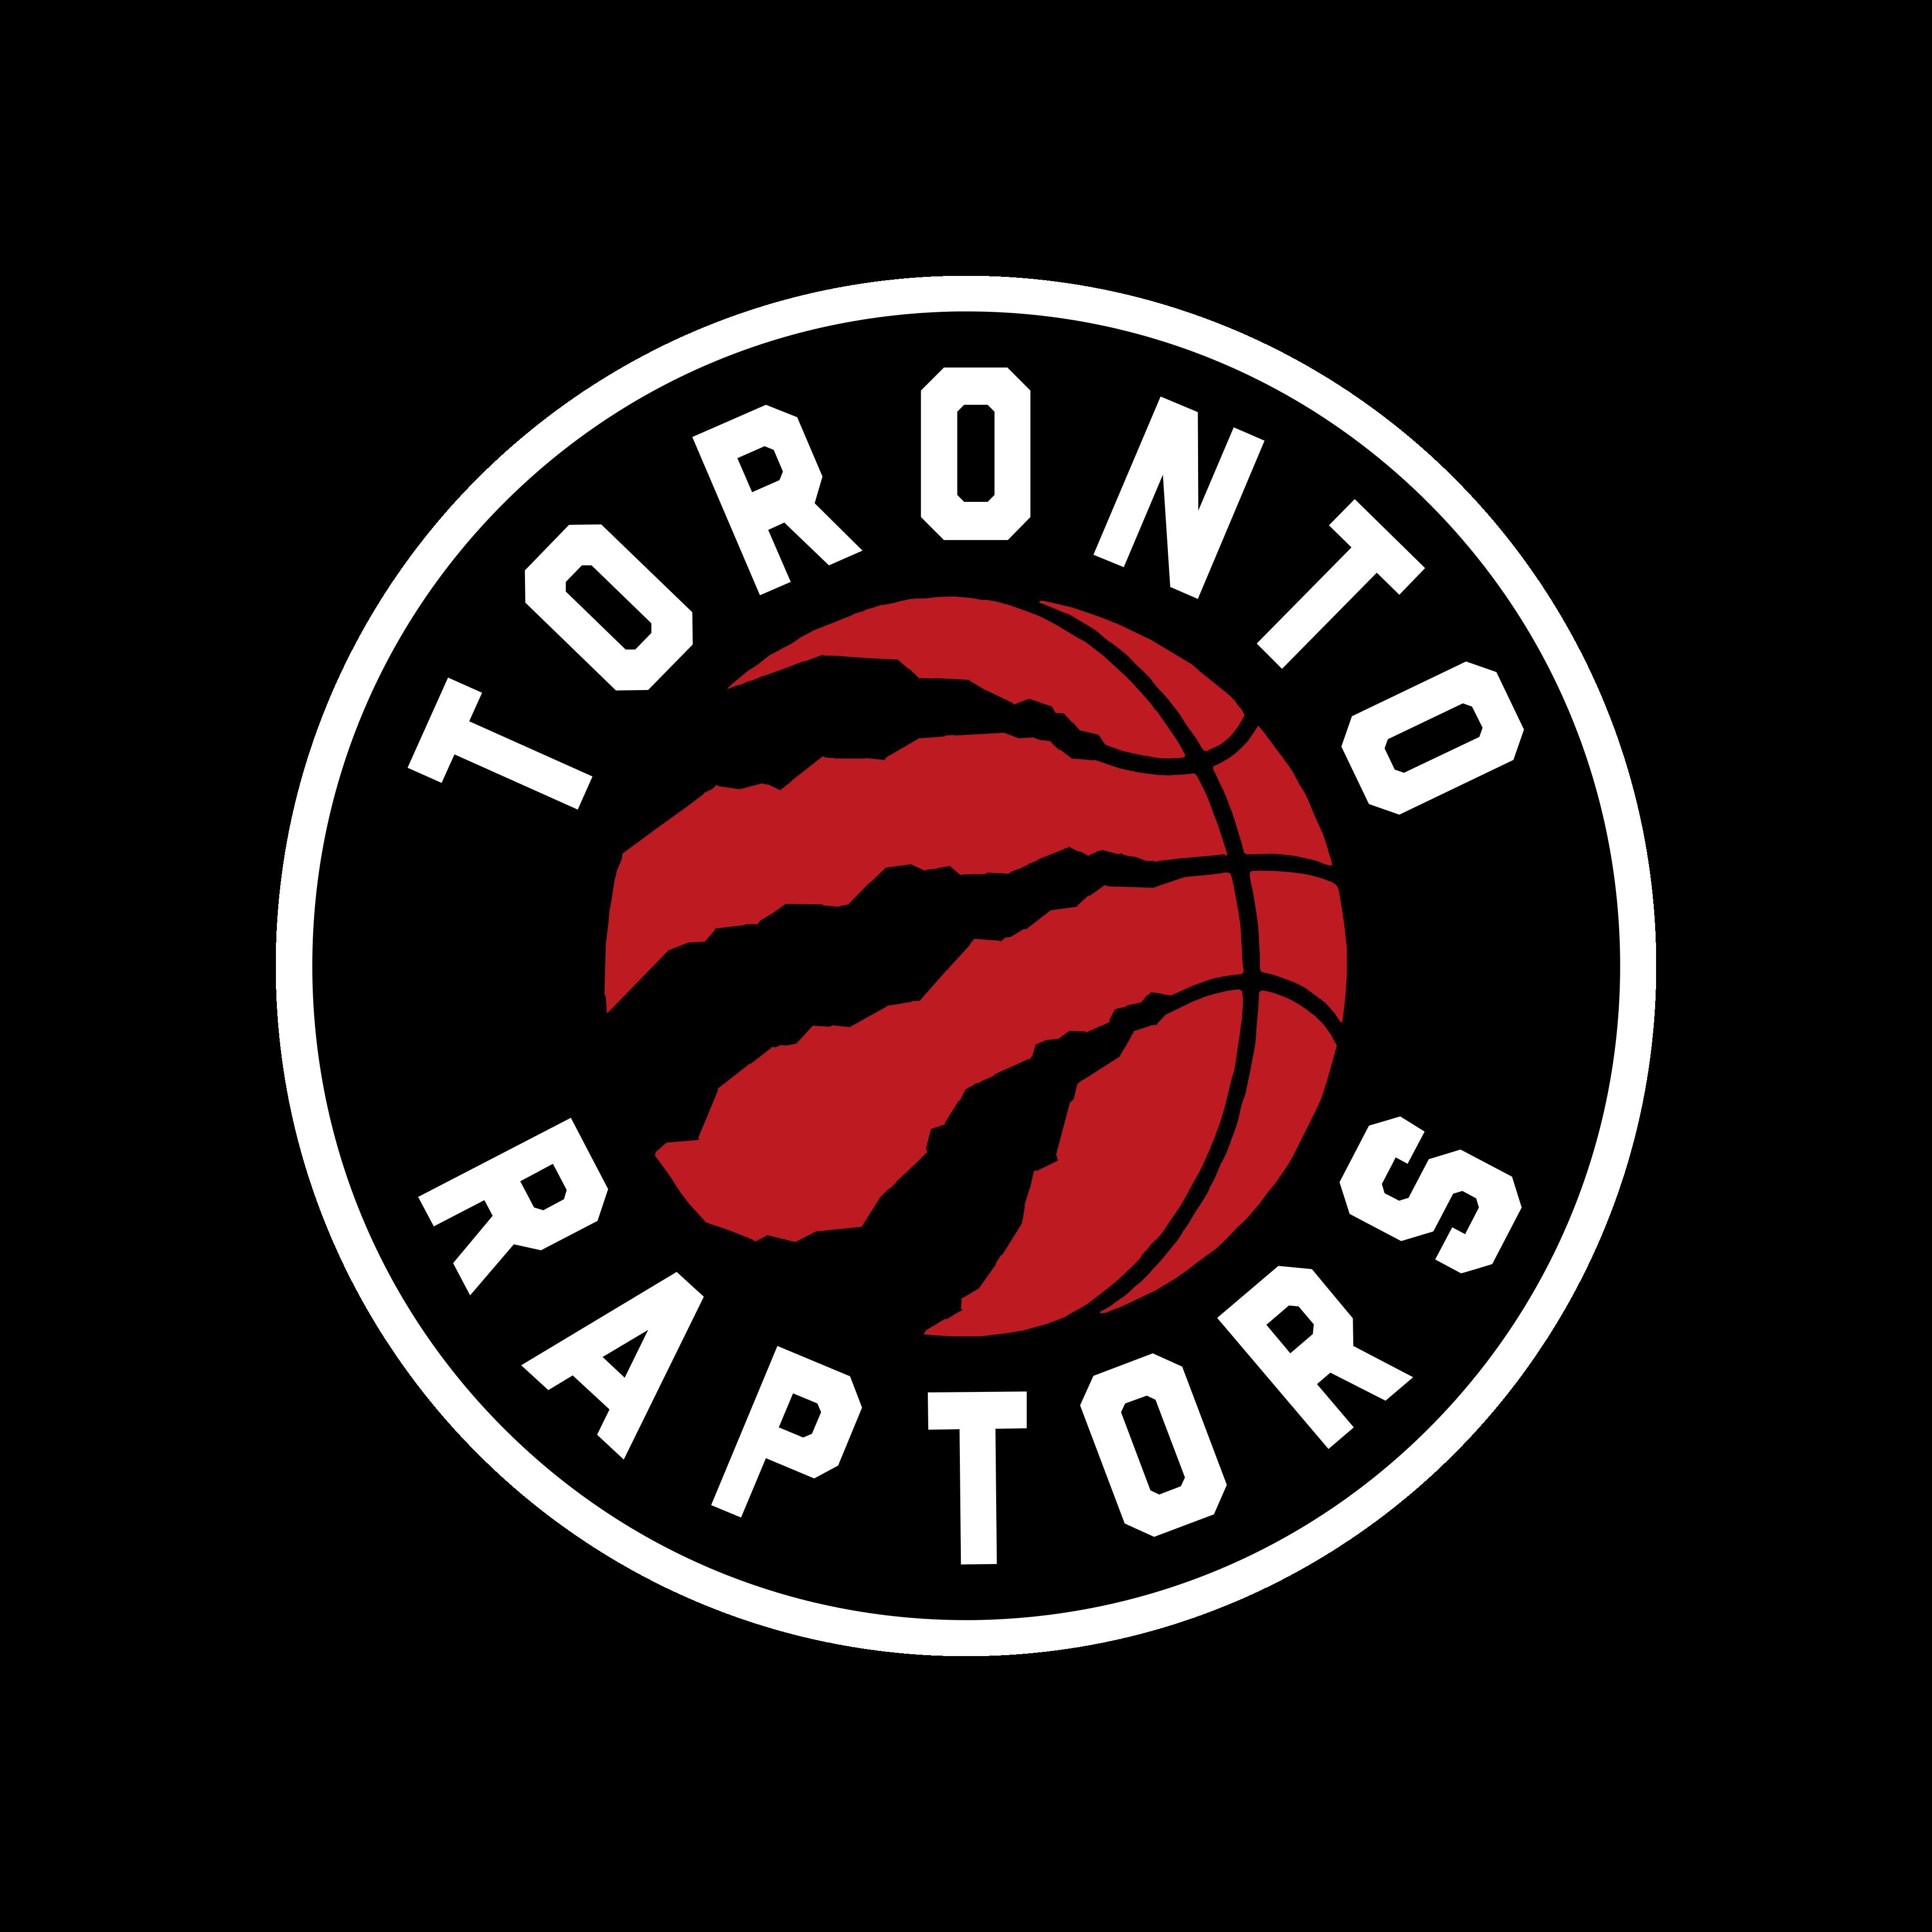 toronto raptors logo 0 1 - Toronto Raptors Logo